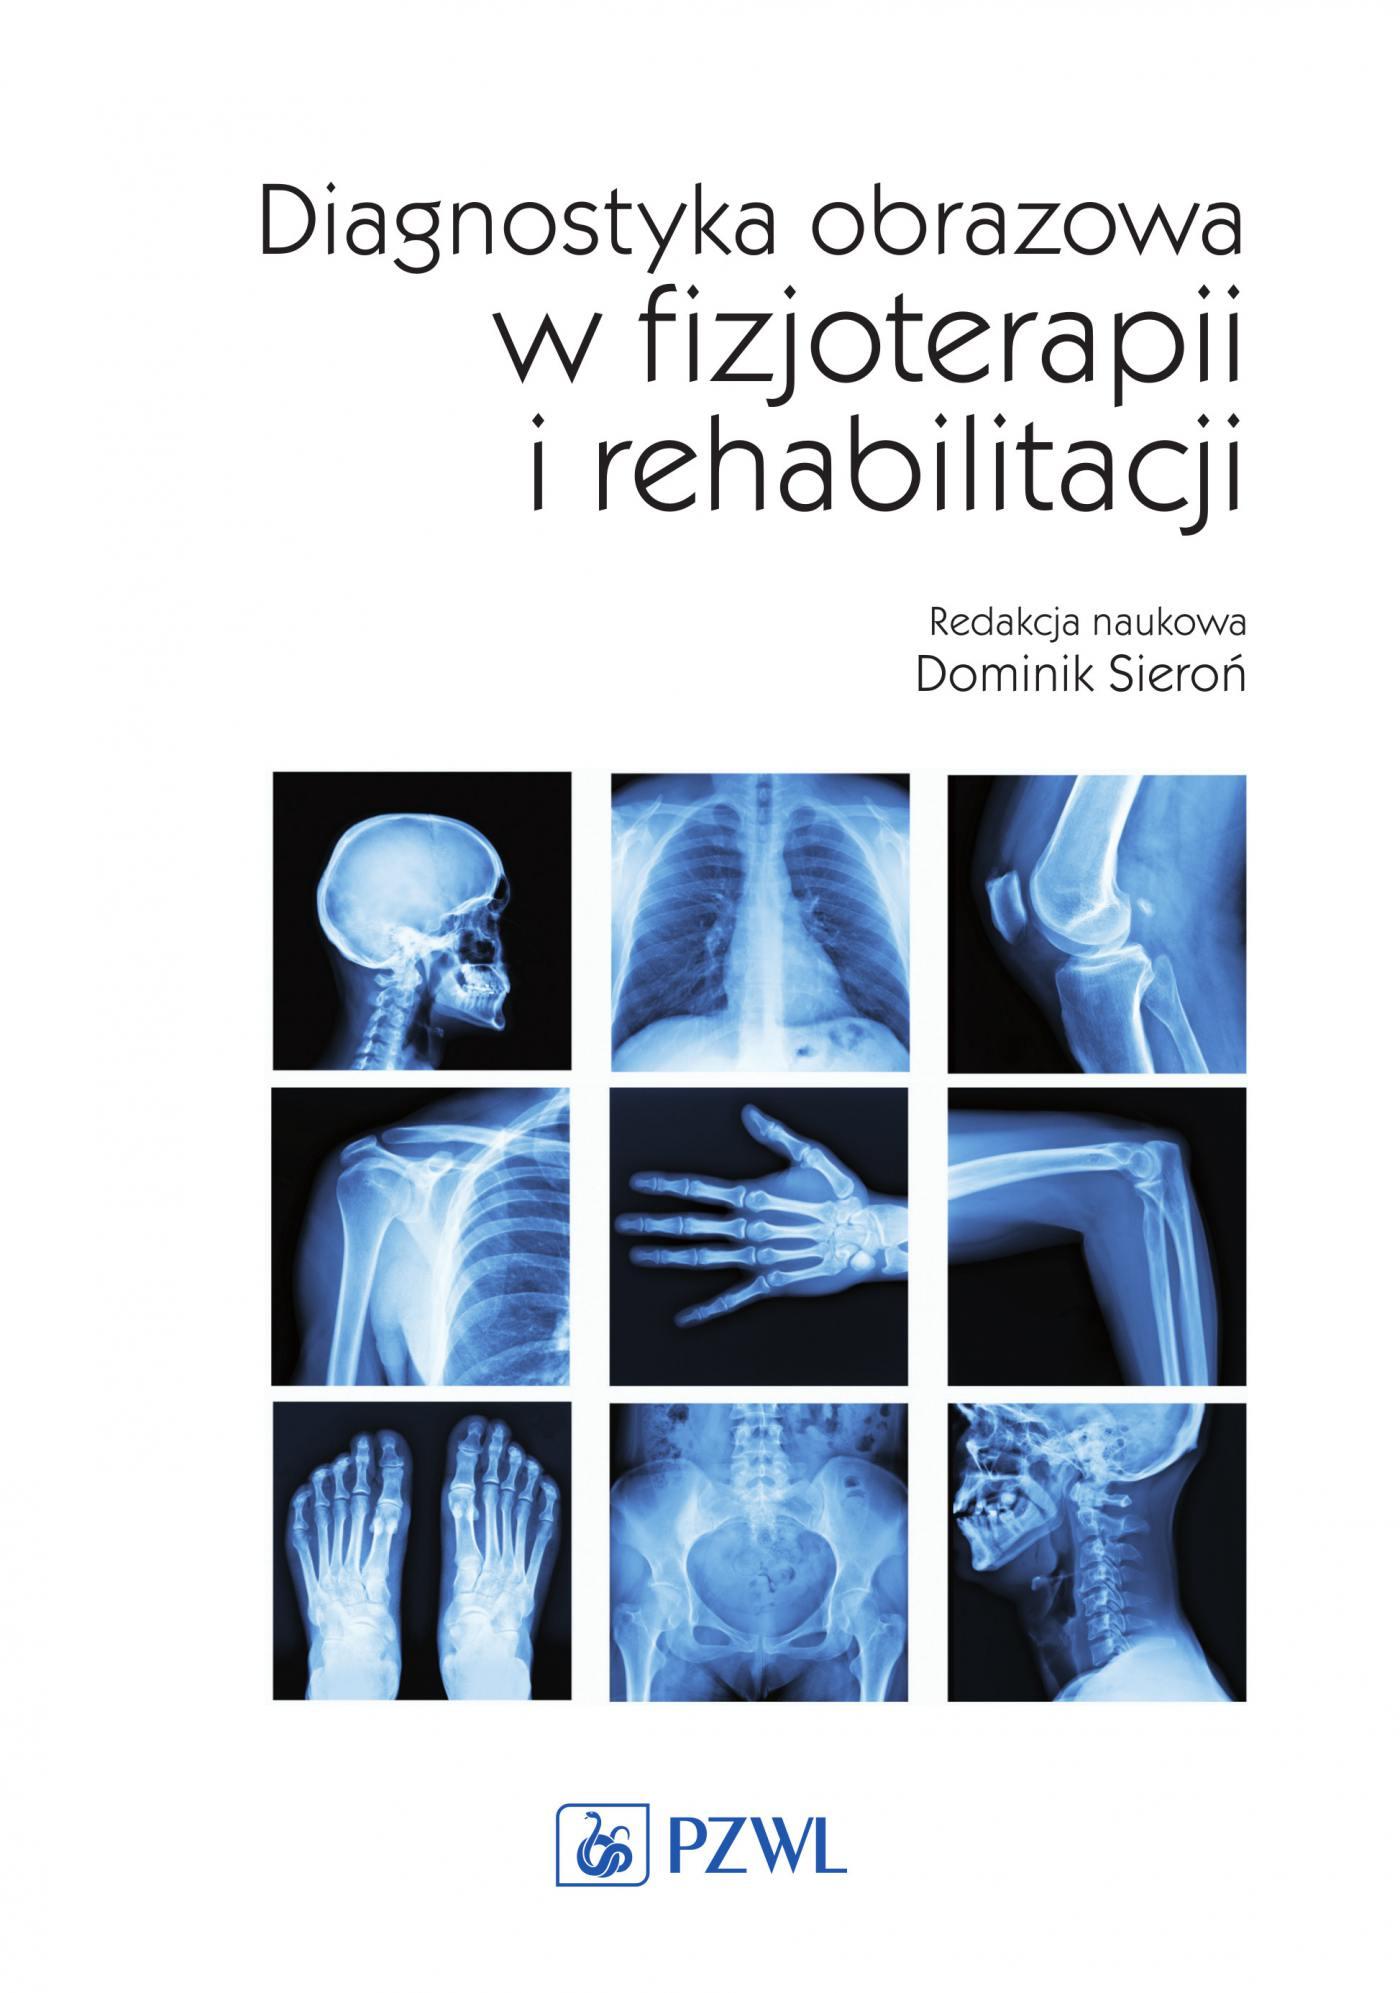 Diagnostyka obrazowa w fizjoterapii i rehabilitacji - Ebook (Książka EPUB) do pobrania w formacie EPUB